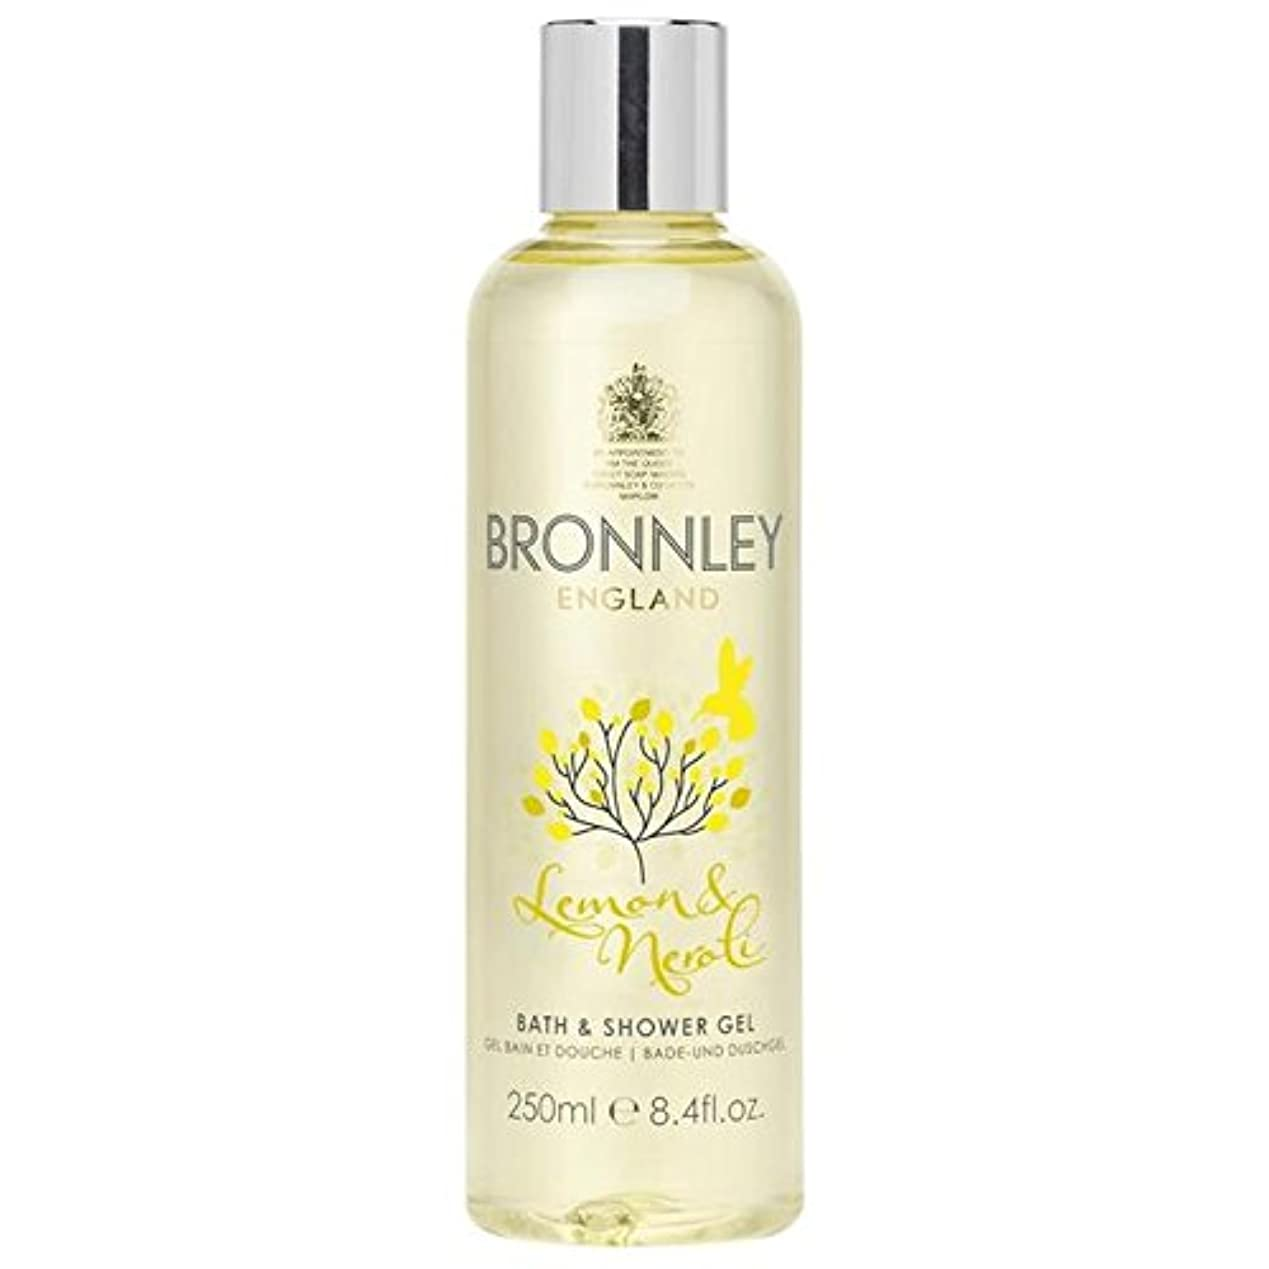 今王女違反レモン&ネロリバス&シャワージェル250ミリリットル x2 - Bronnley Lemon & Neroli Bath & Shower Gel 250ml (Pack of 2) [並行輸入品]